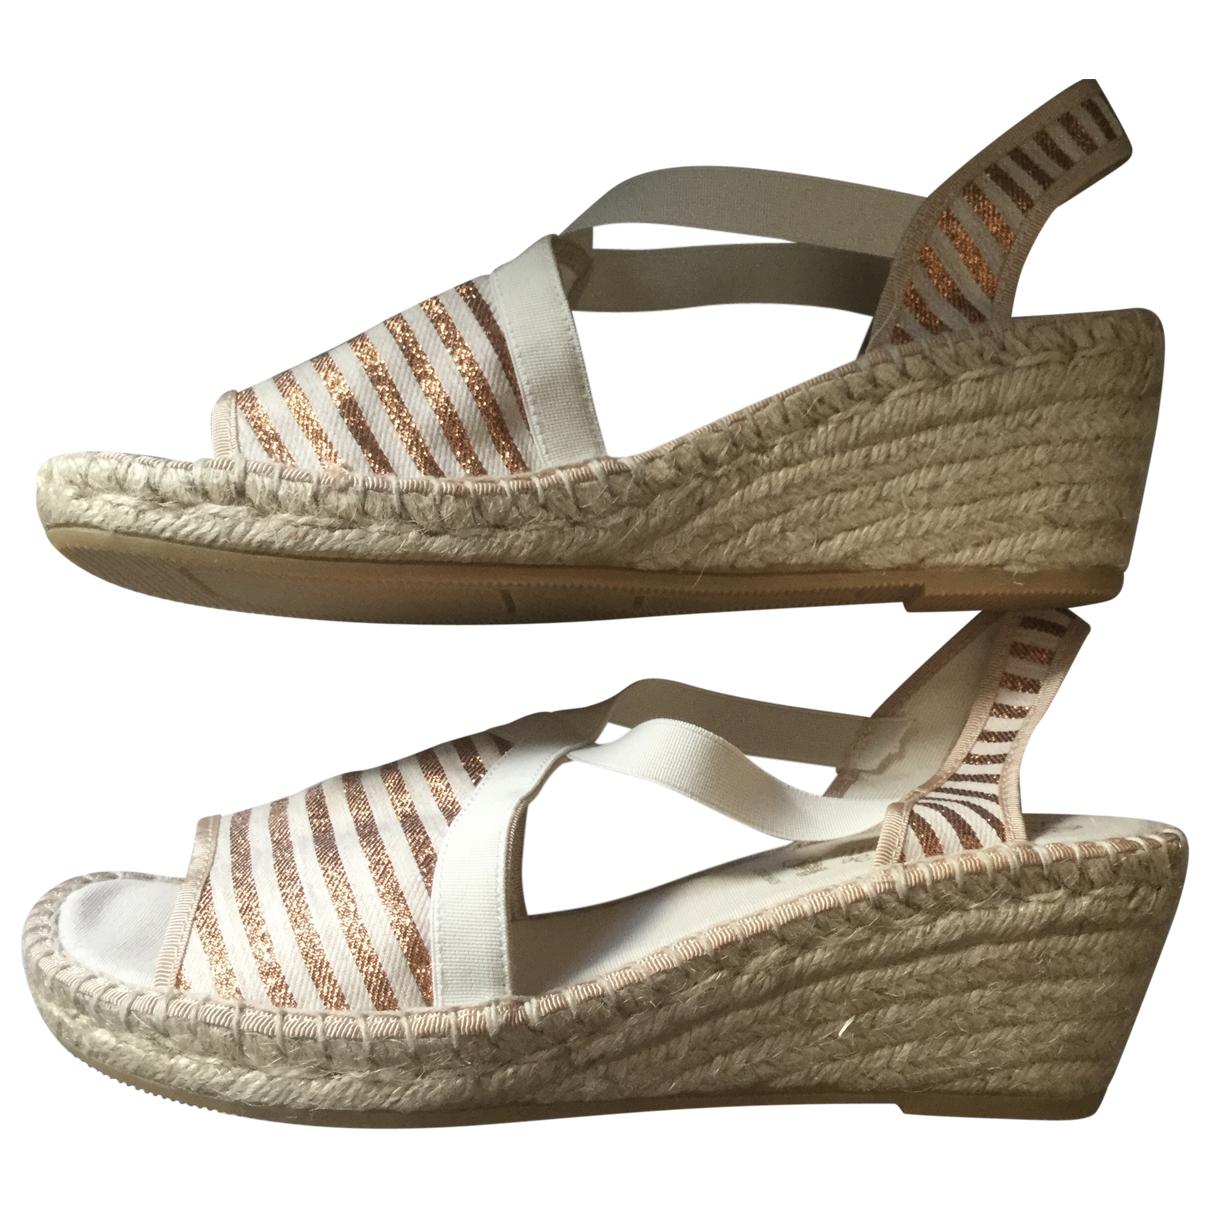 Sandalias de Lona Non Signe / Unsigned